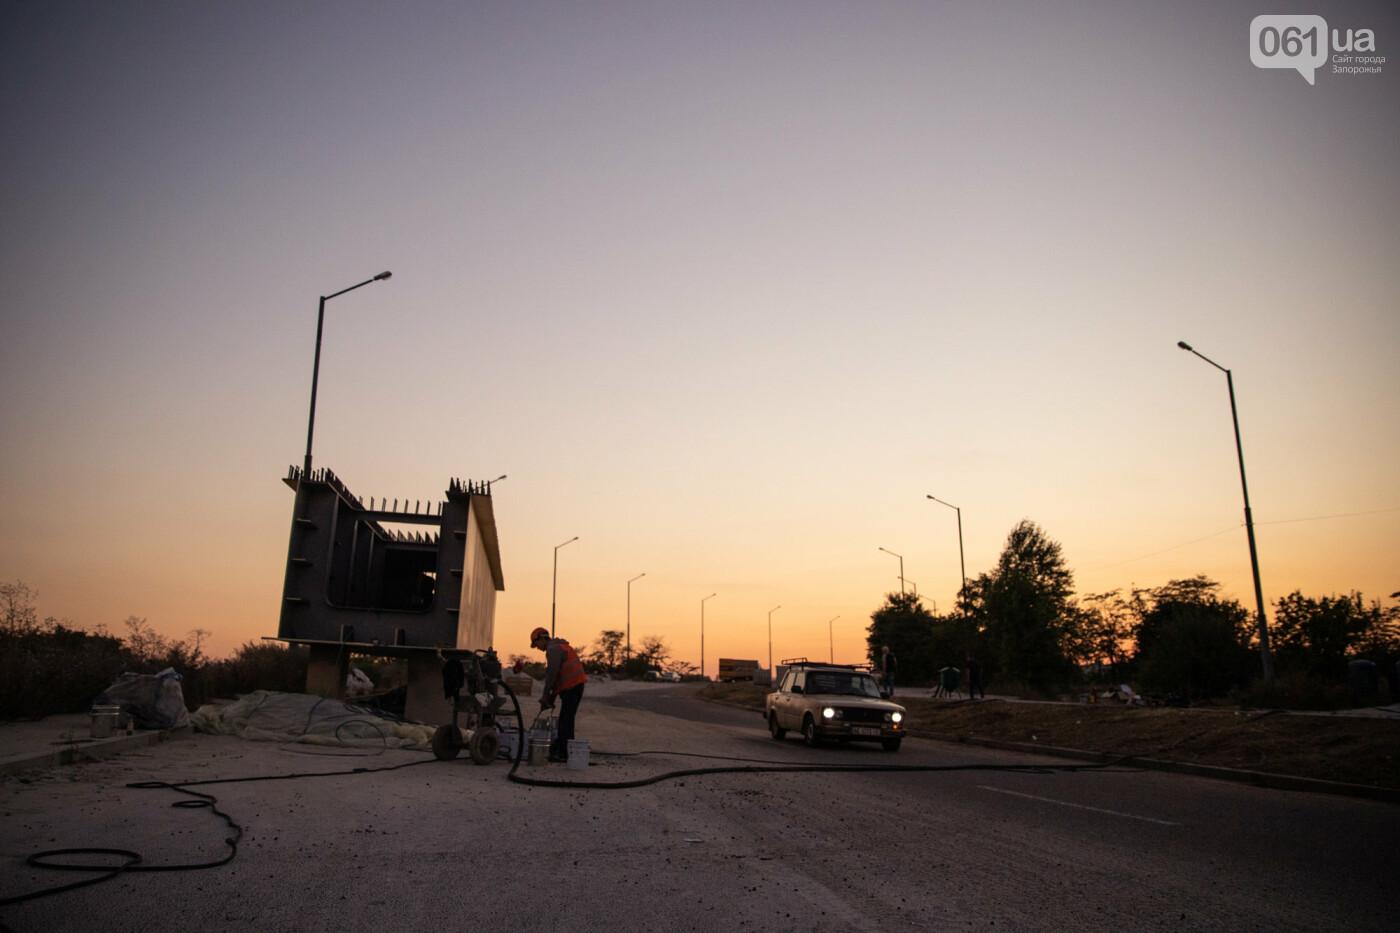 В Запорожье собирают балочный мост через Старый Днепр – строители работают даже ночью, - ФОТОРЕПОРТАЖ , фото-4